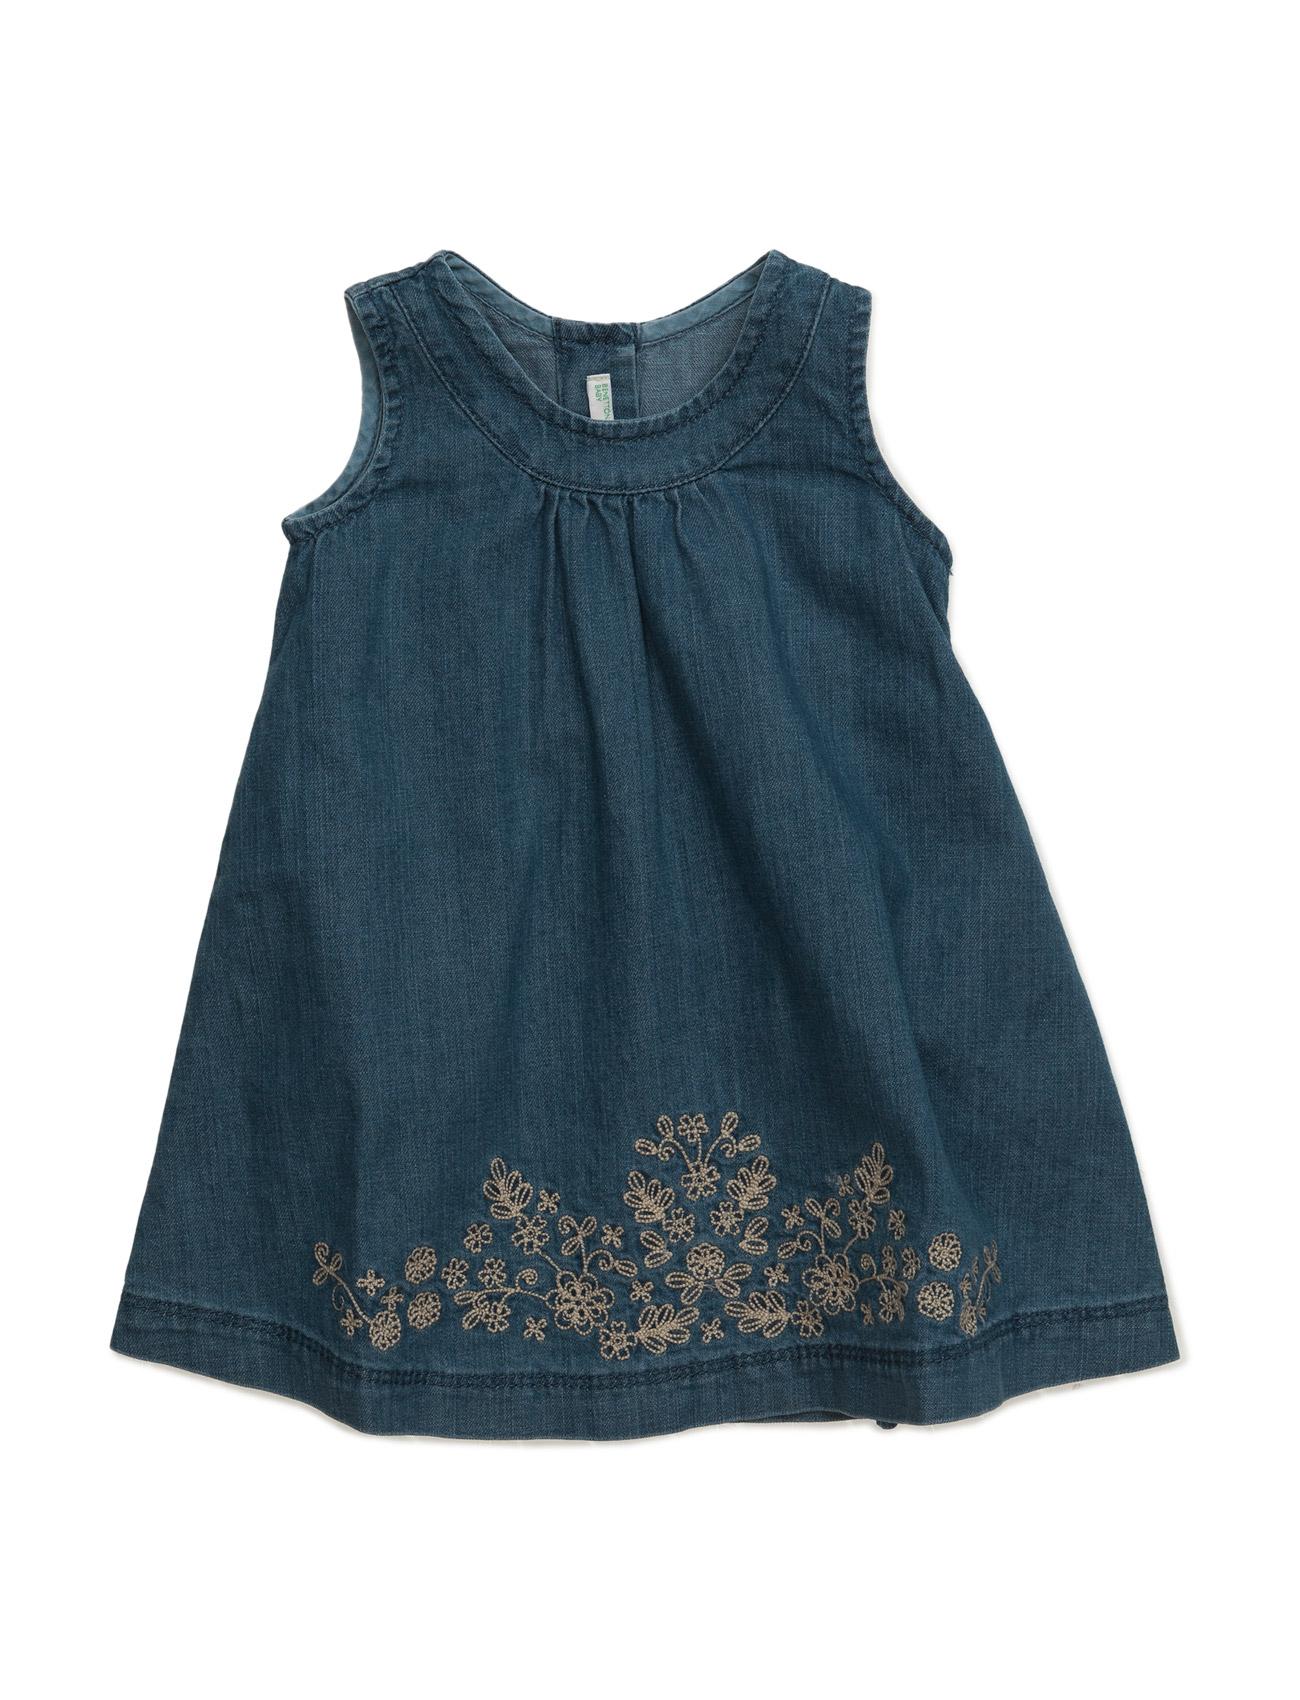 Dress United Colors of Benetton Kjoler til Børn i Blå